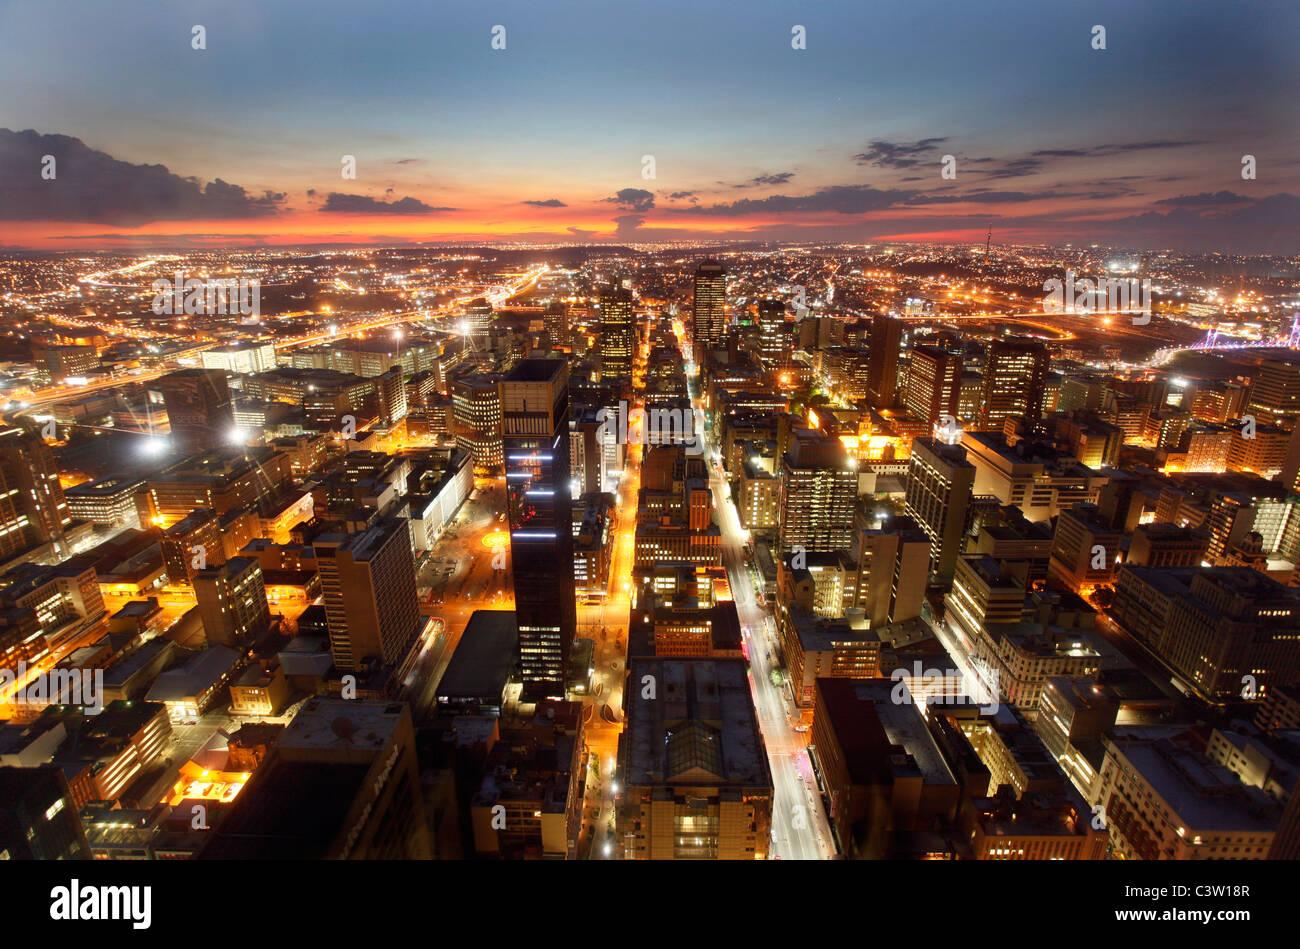 Vue de Johannesburg CBD vu la nuit de l'hôtel au centre-ville d'Joburg. Johannesburg. L'Afrique Photo Stock